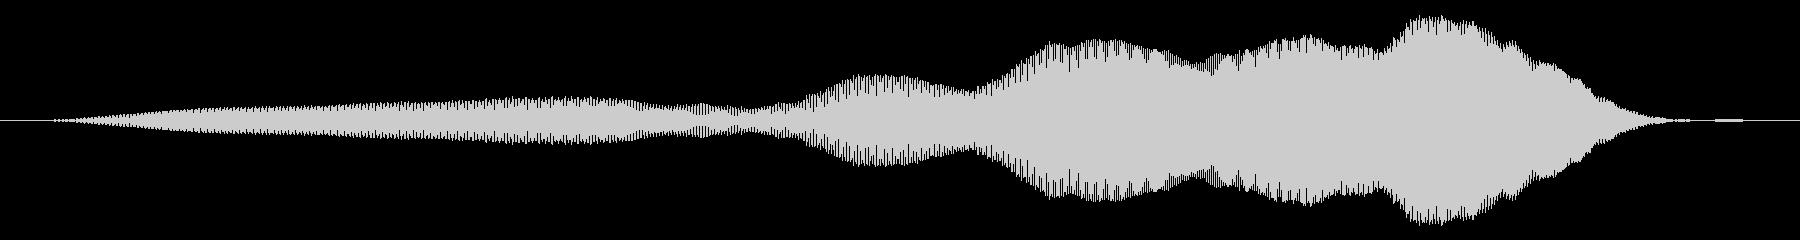 漫画スライドwhiの未再生の波形